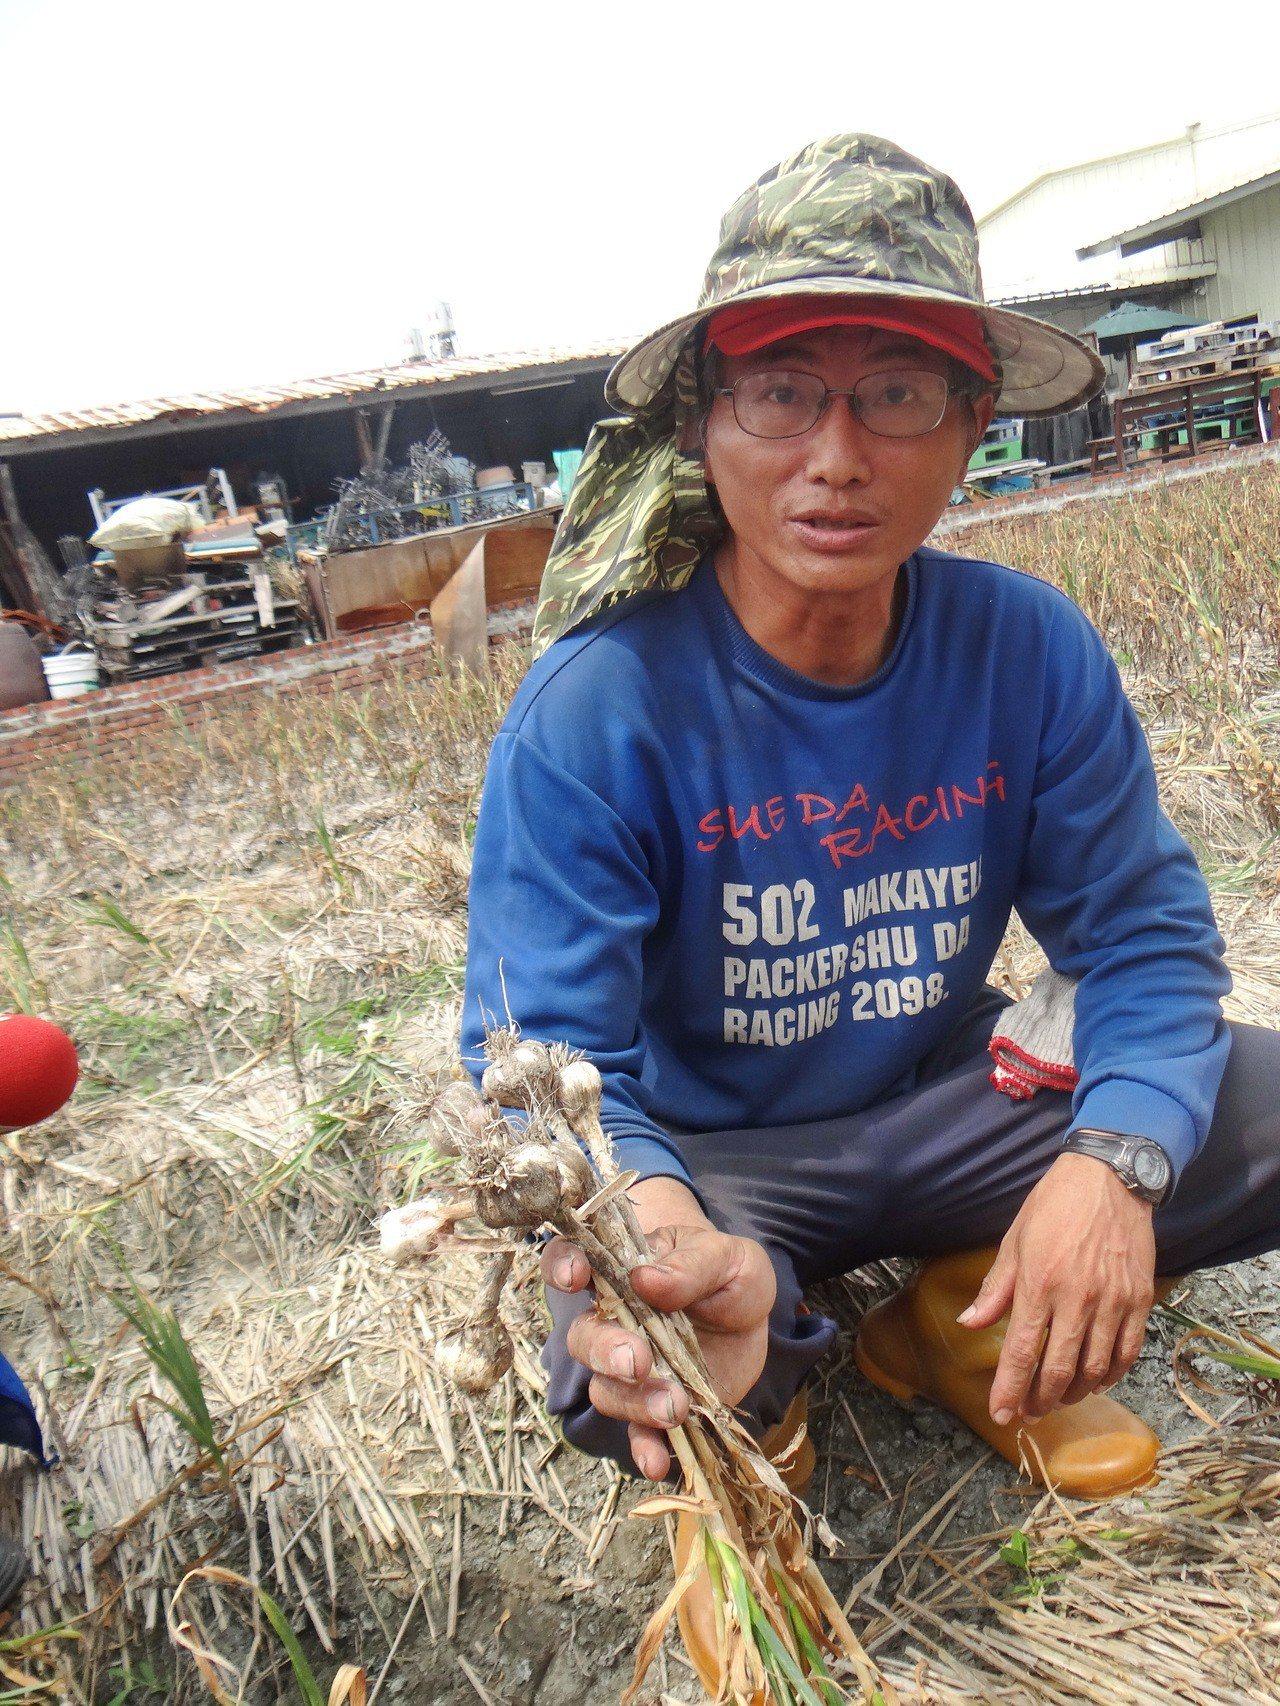 蒜農強調今年暖冬又少雨致蒜果長得很小。記者蔡維斌/攝影